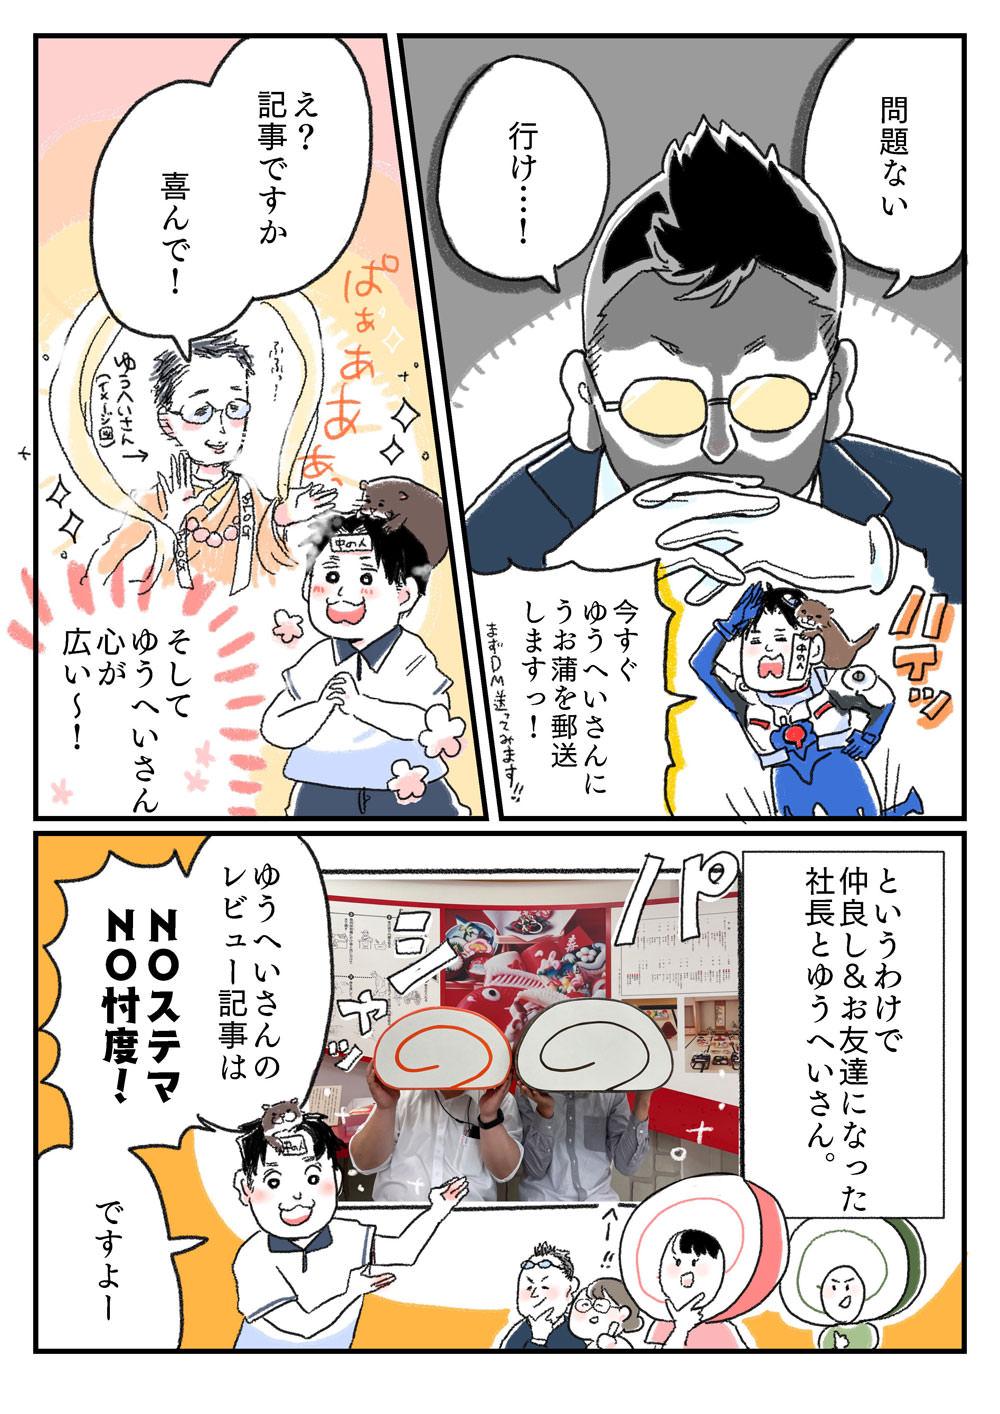 ウメカマンガ(巻) 6YUHEI目 祝 うお蒲出演!とやま暮らし&ネプリーグ♪